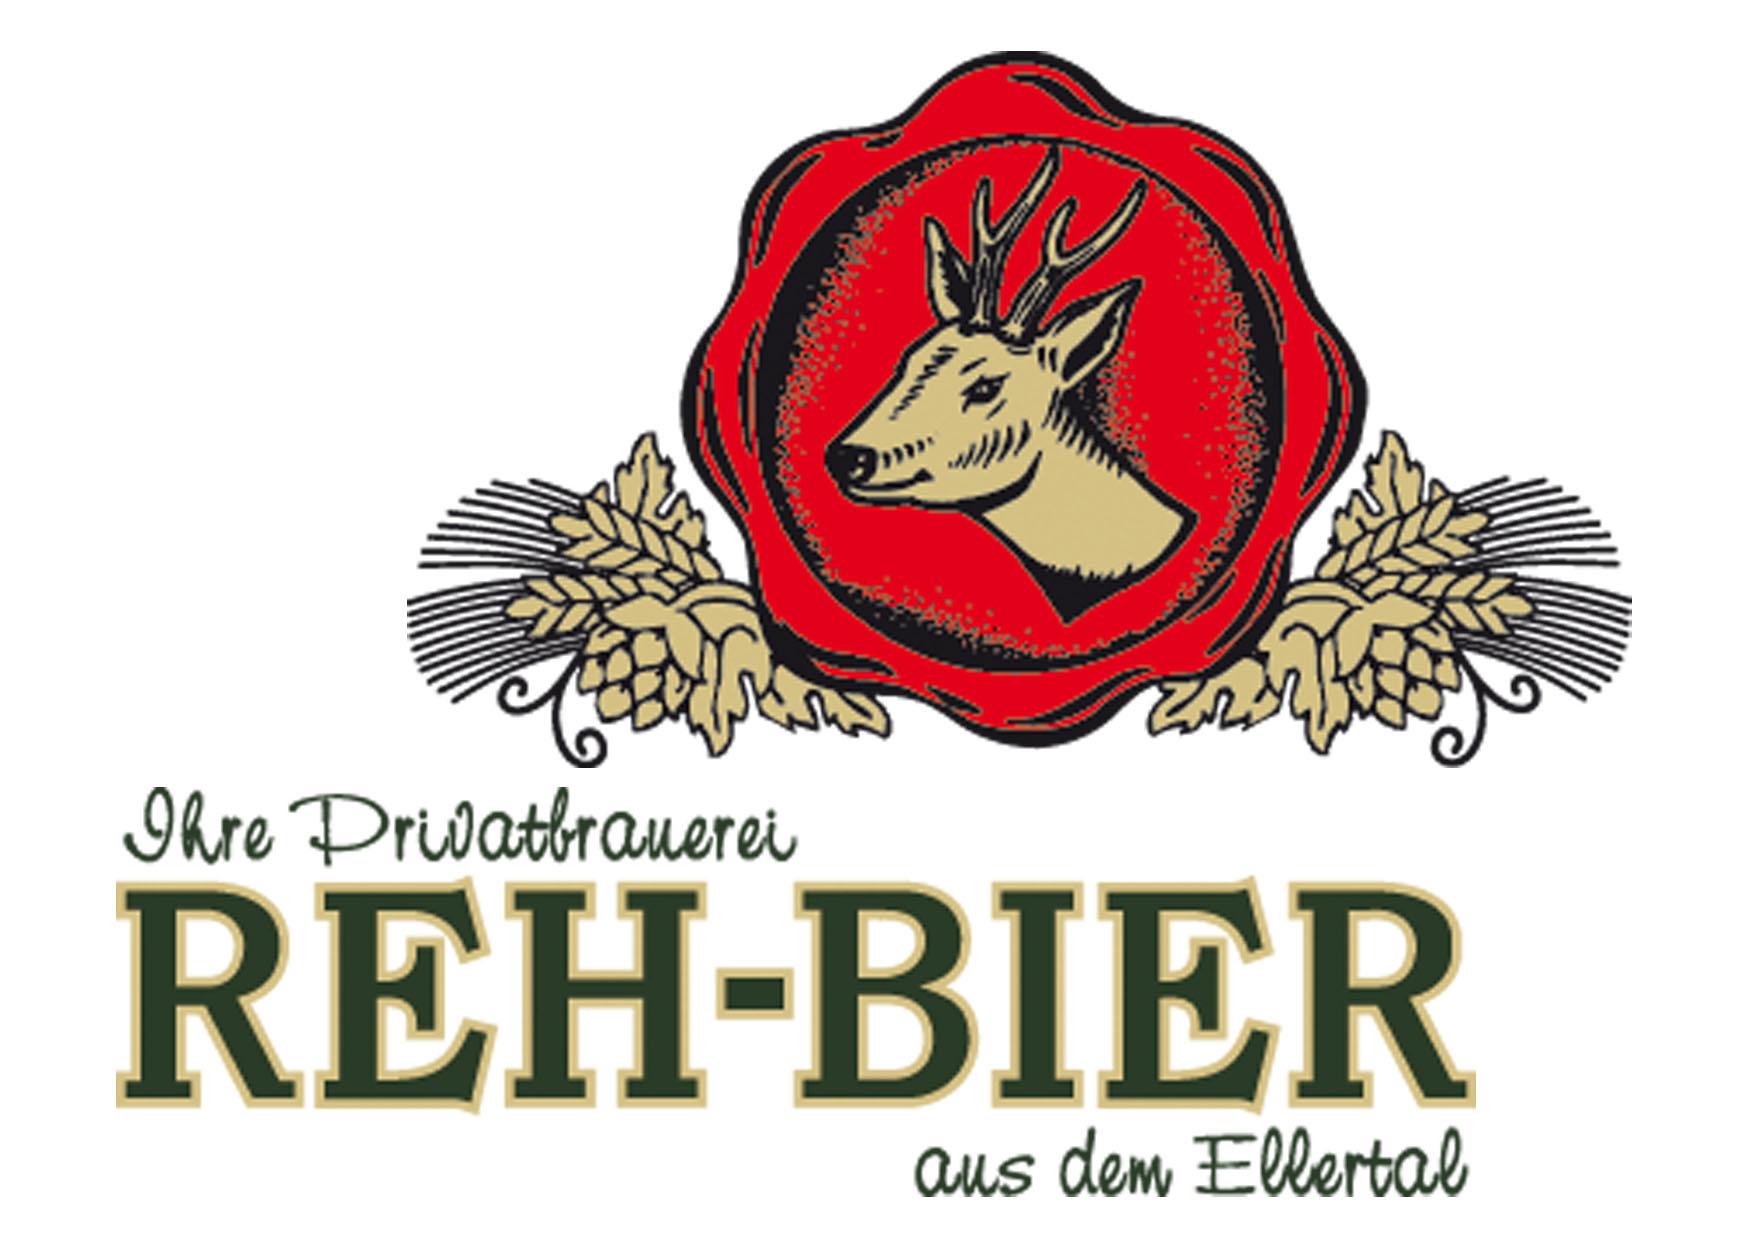 Rehbier